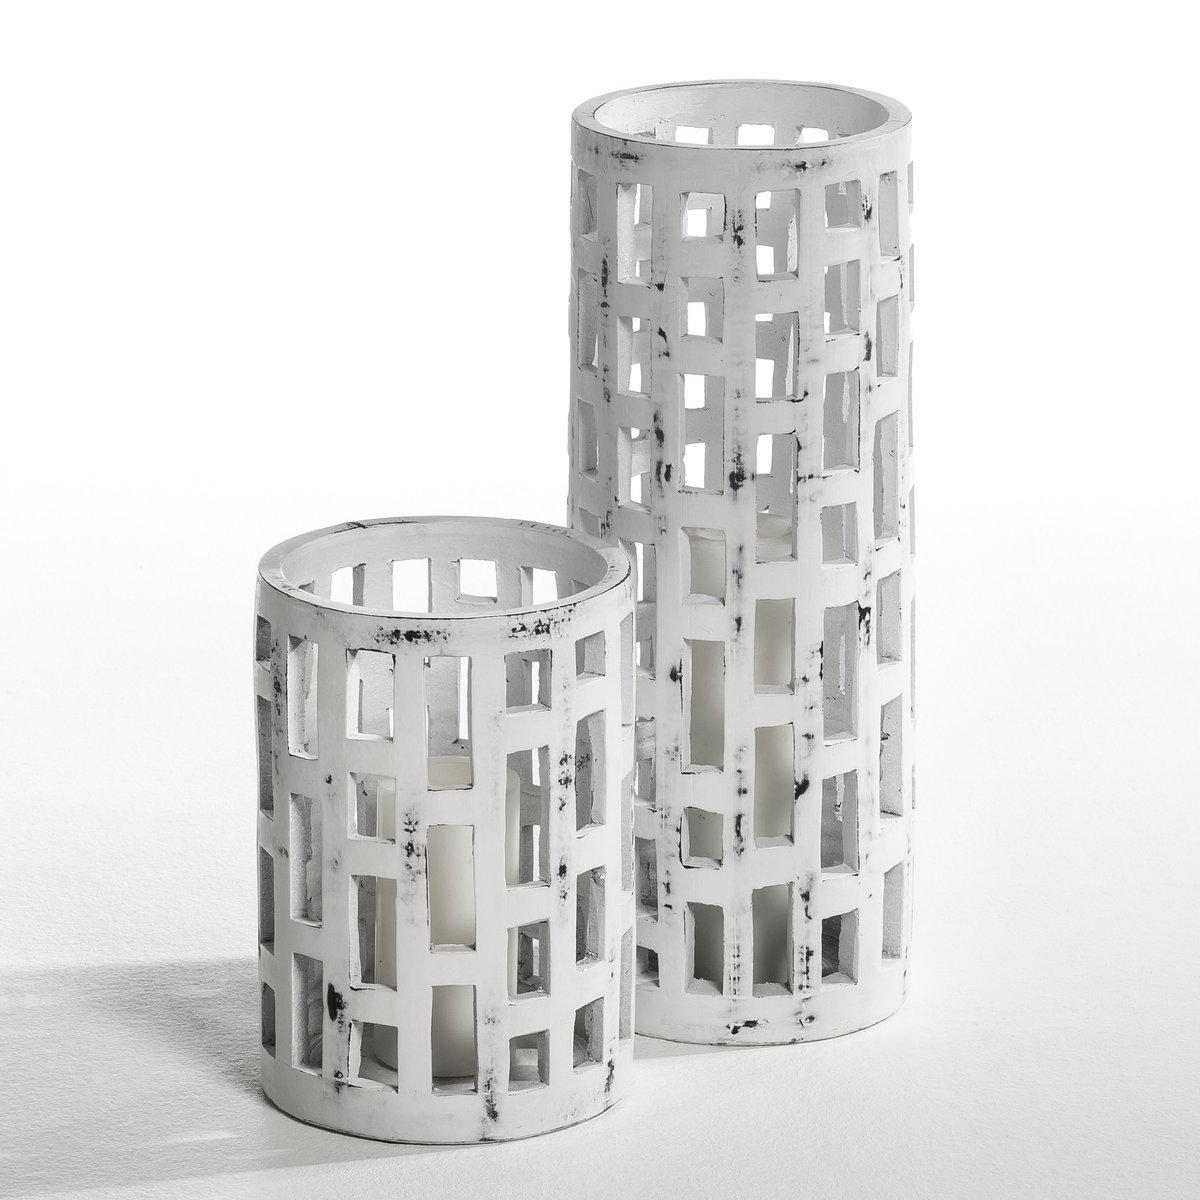 Подсвечник из керамики LudmillaПодсвечник или декор, который можно использовать как предмет искусства   . В стиле ремесленного производства . Из керамики, с состаренным и выцветшим эффектом   . Для свечи диаметром 10 см, Выс..20 см (не входит в комплект) . 2 размера  : - 1 размер : диаметр 16 см x выс.. 45 см .- 2 размер: диаметр 18 см x выс.. 25 см .<br><br>Цвет: серо-бежевый<br>Размер: размер 1.размер 2